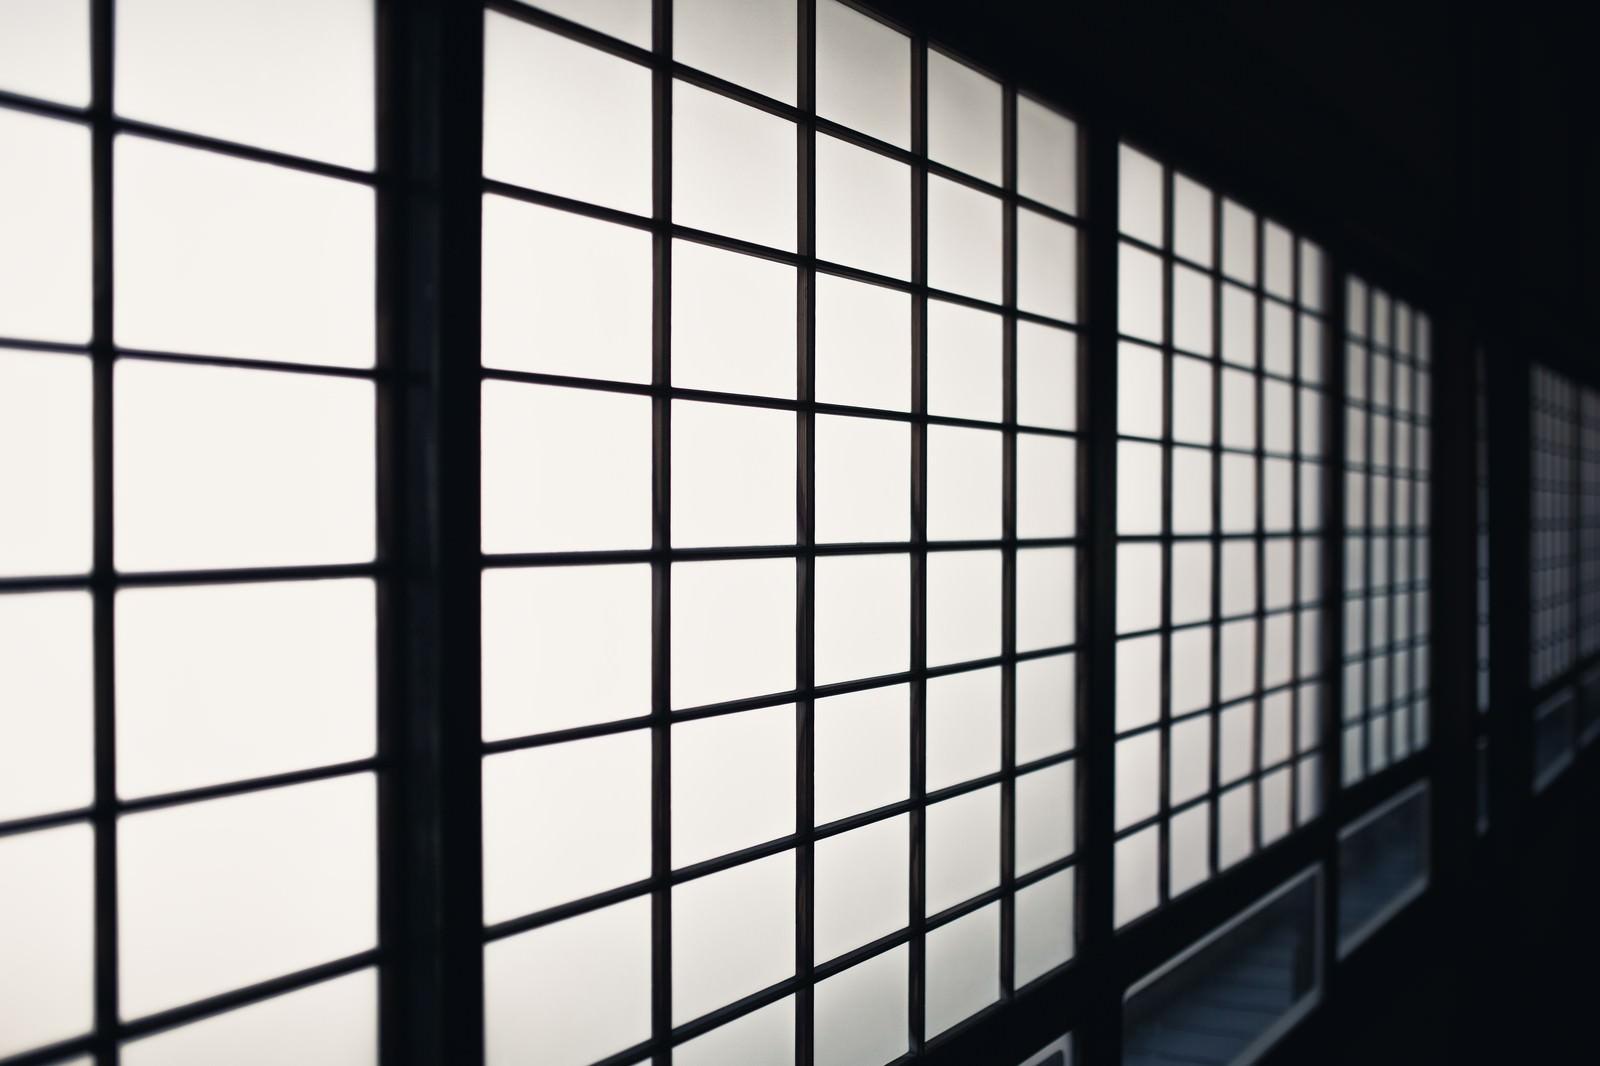 「和室の障子和室の障子」のフリー写真素材を拡大